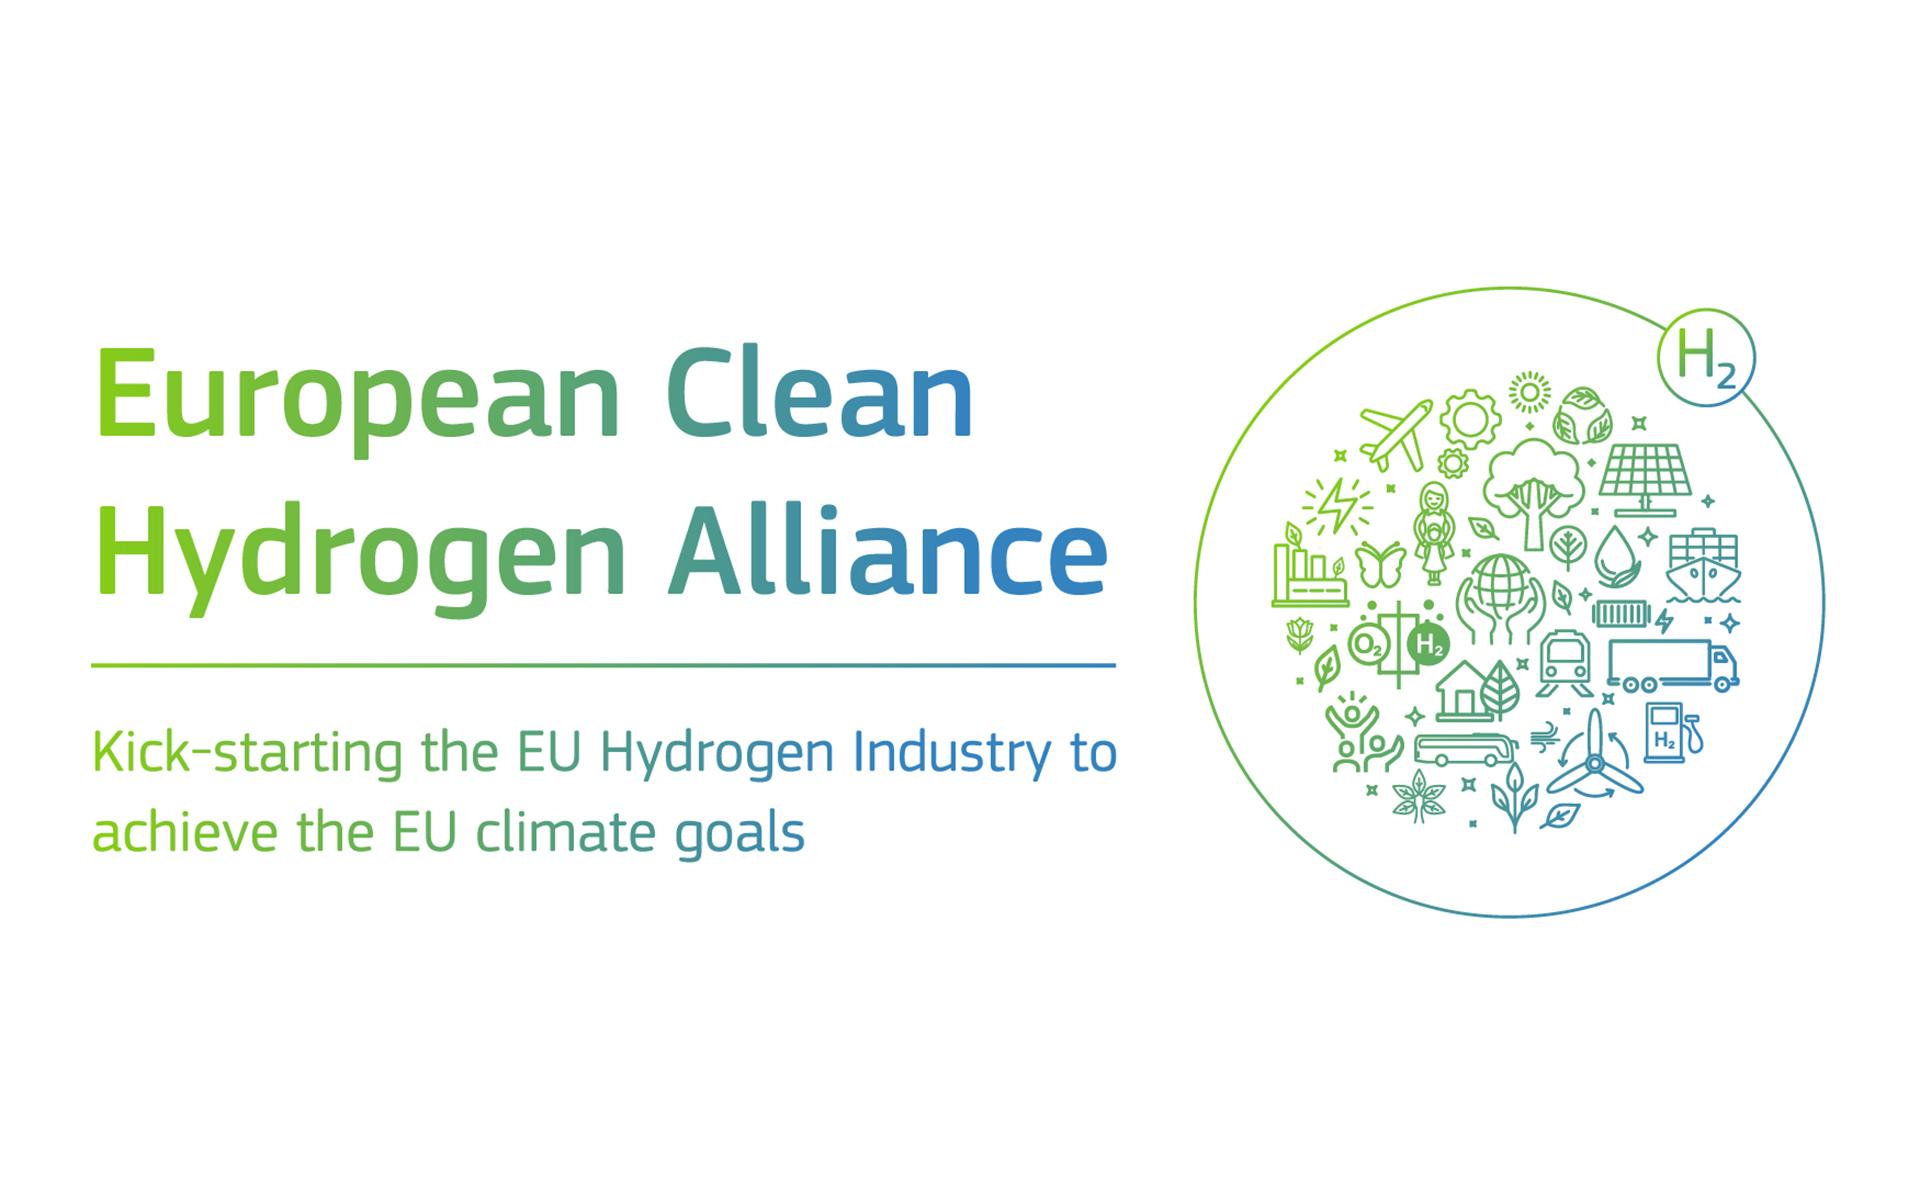 Logo de l'Alliance Européenne pour l'Hydrogène Propre